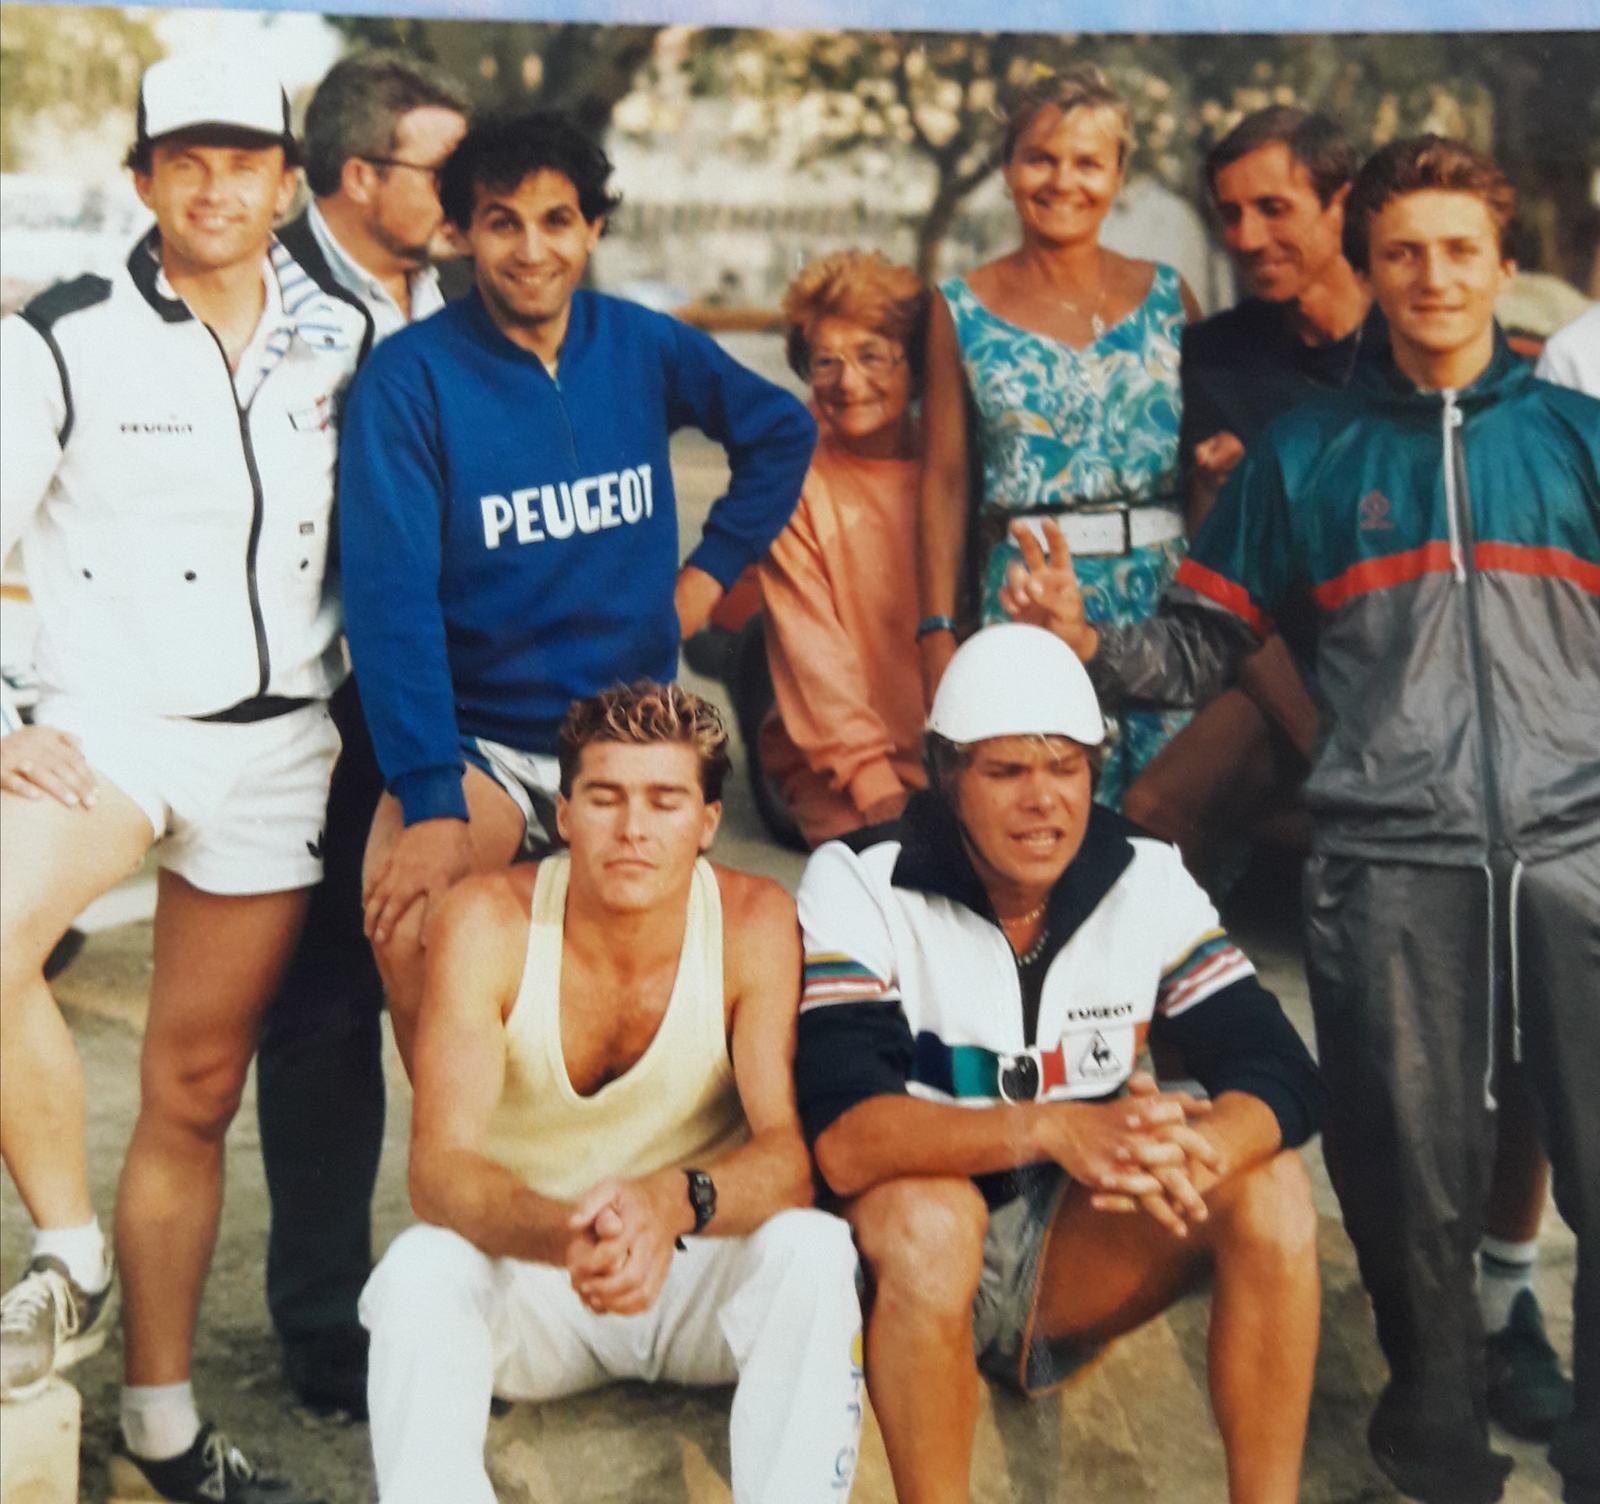 Marc TOESCA en bleu, maillot Peugeot.